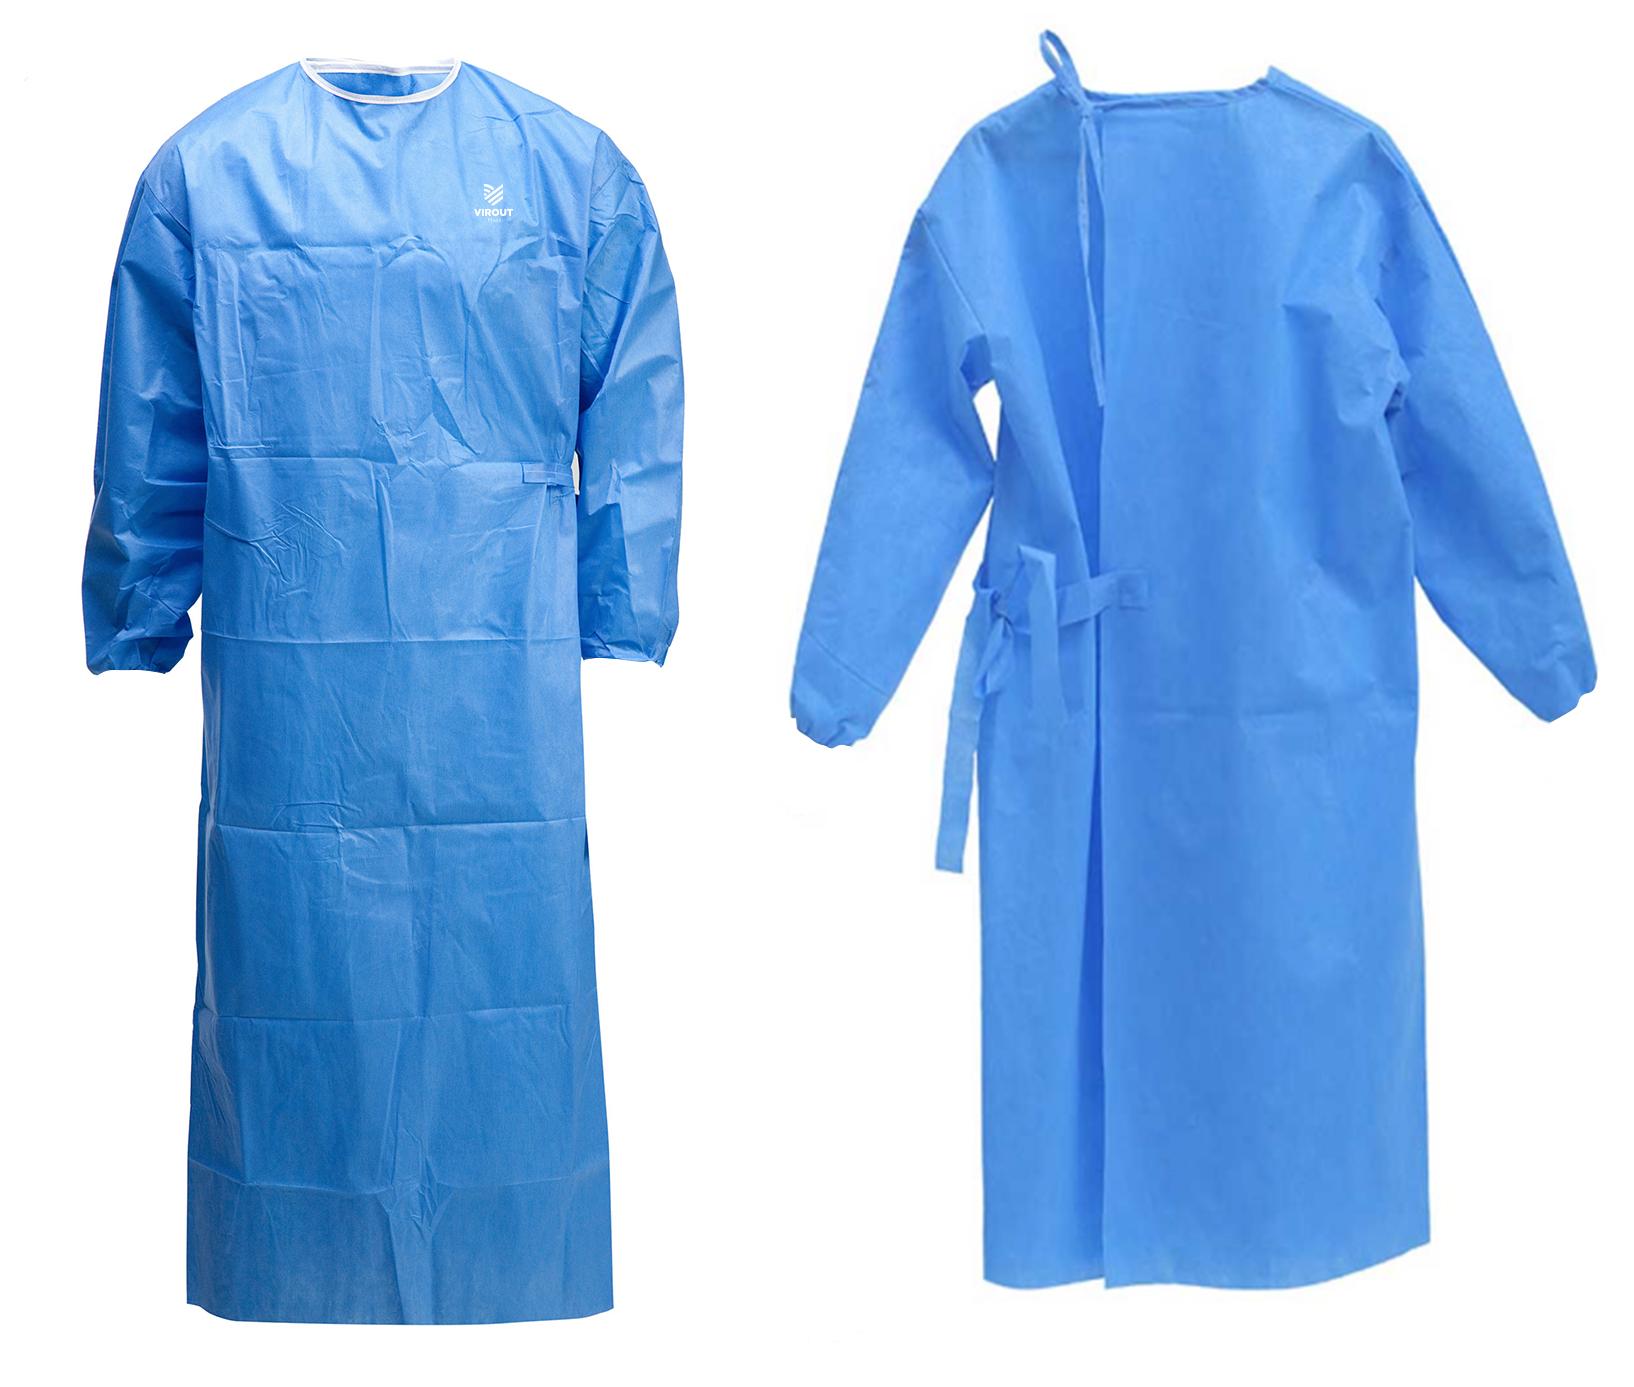 Disposable Surgical Scrubs